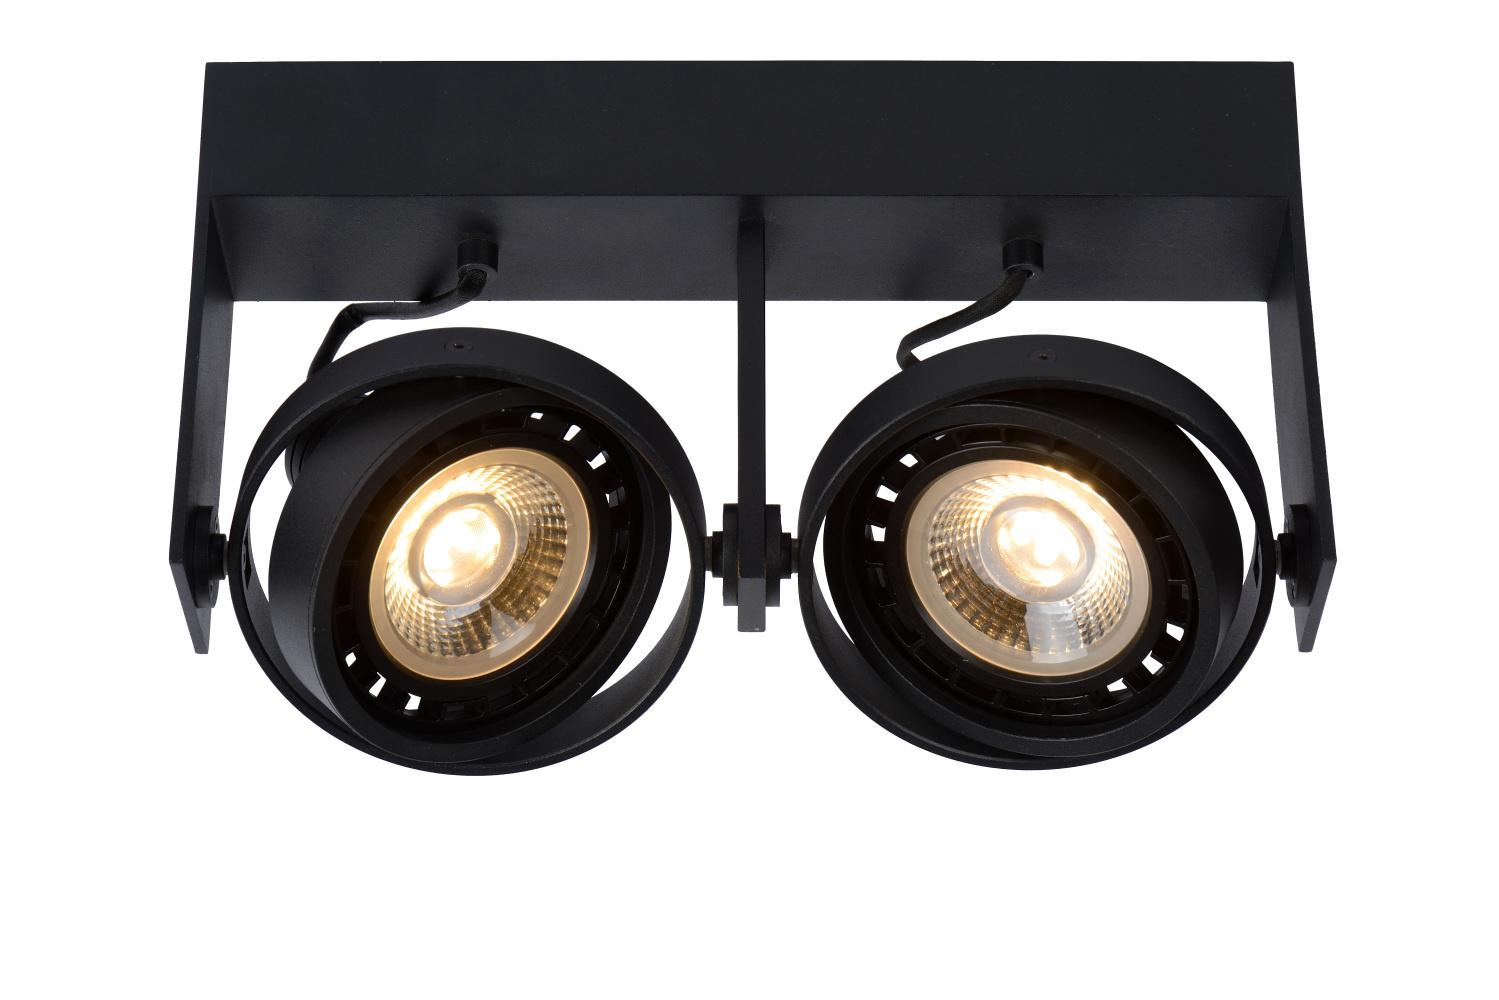 Lucide GRIFFON Plafondspot Dim-to-warm 2xGU10 12W Zwart